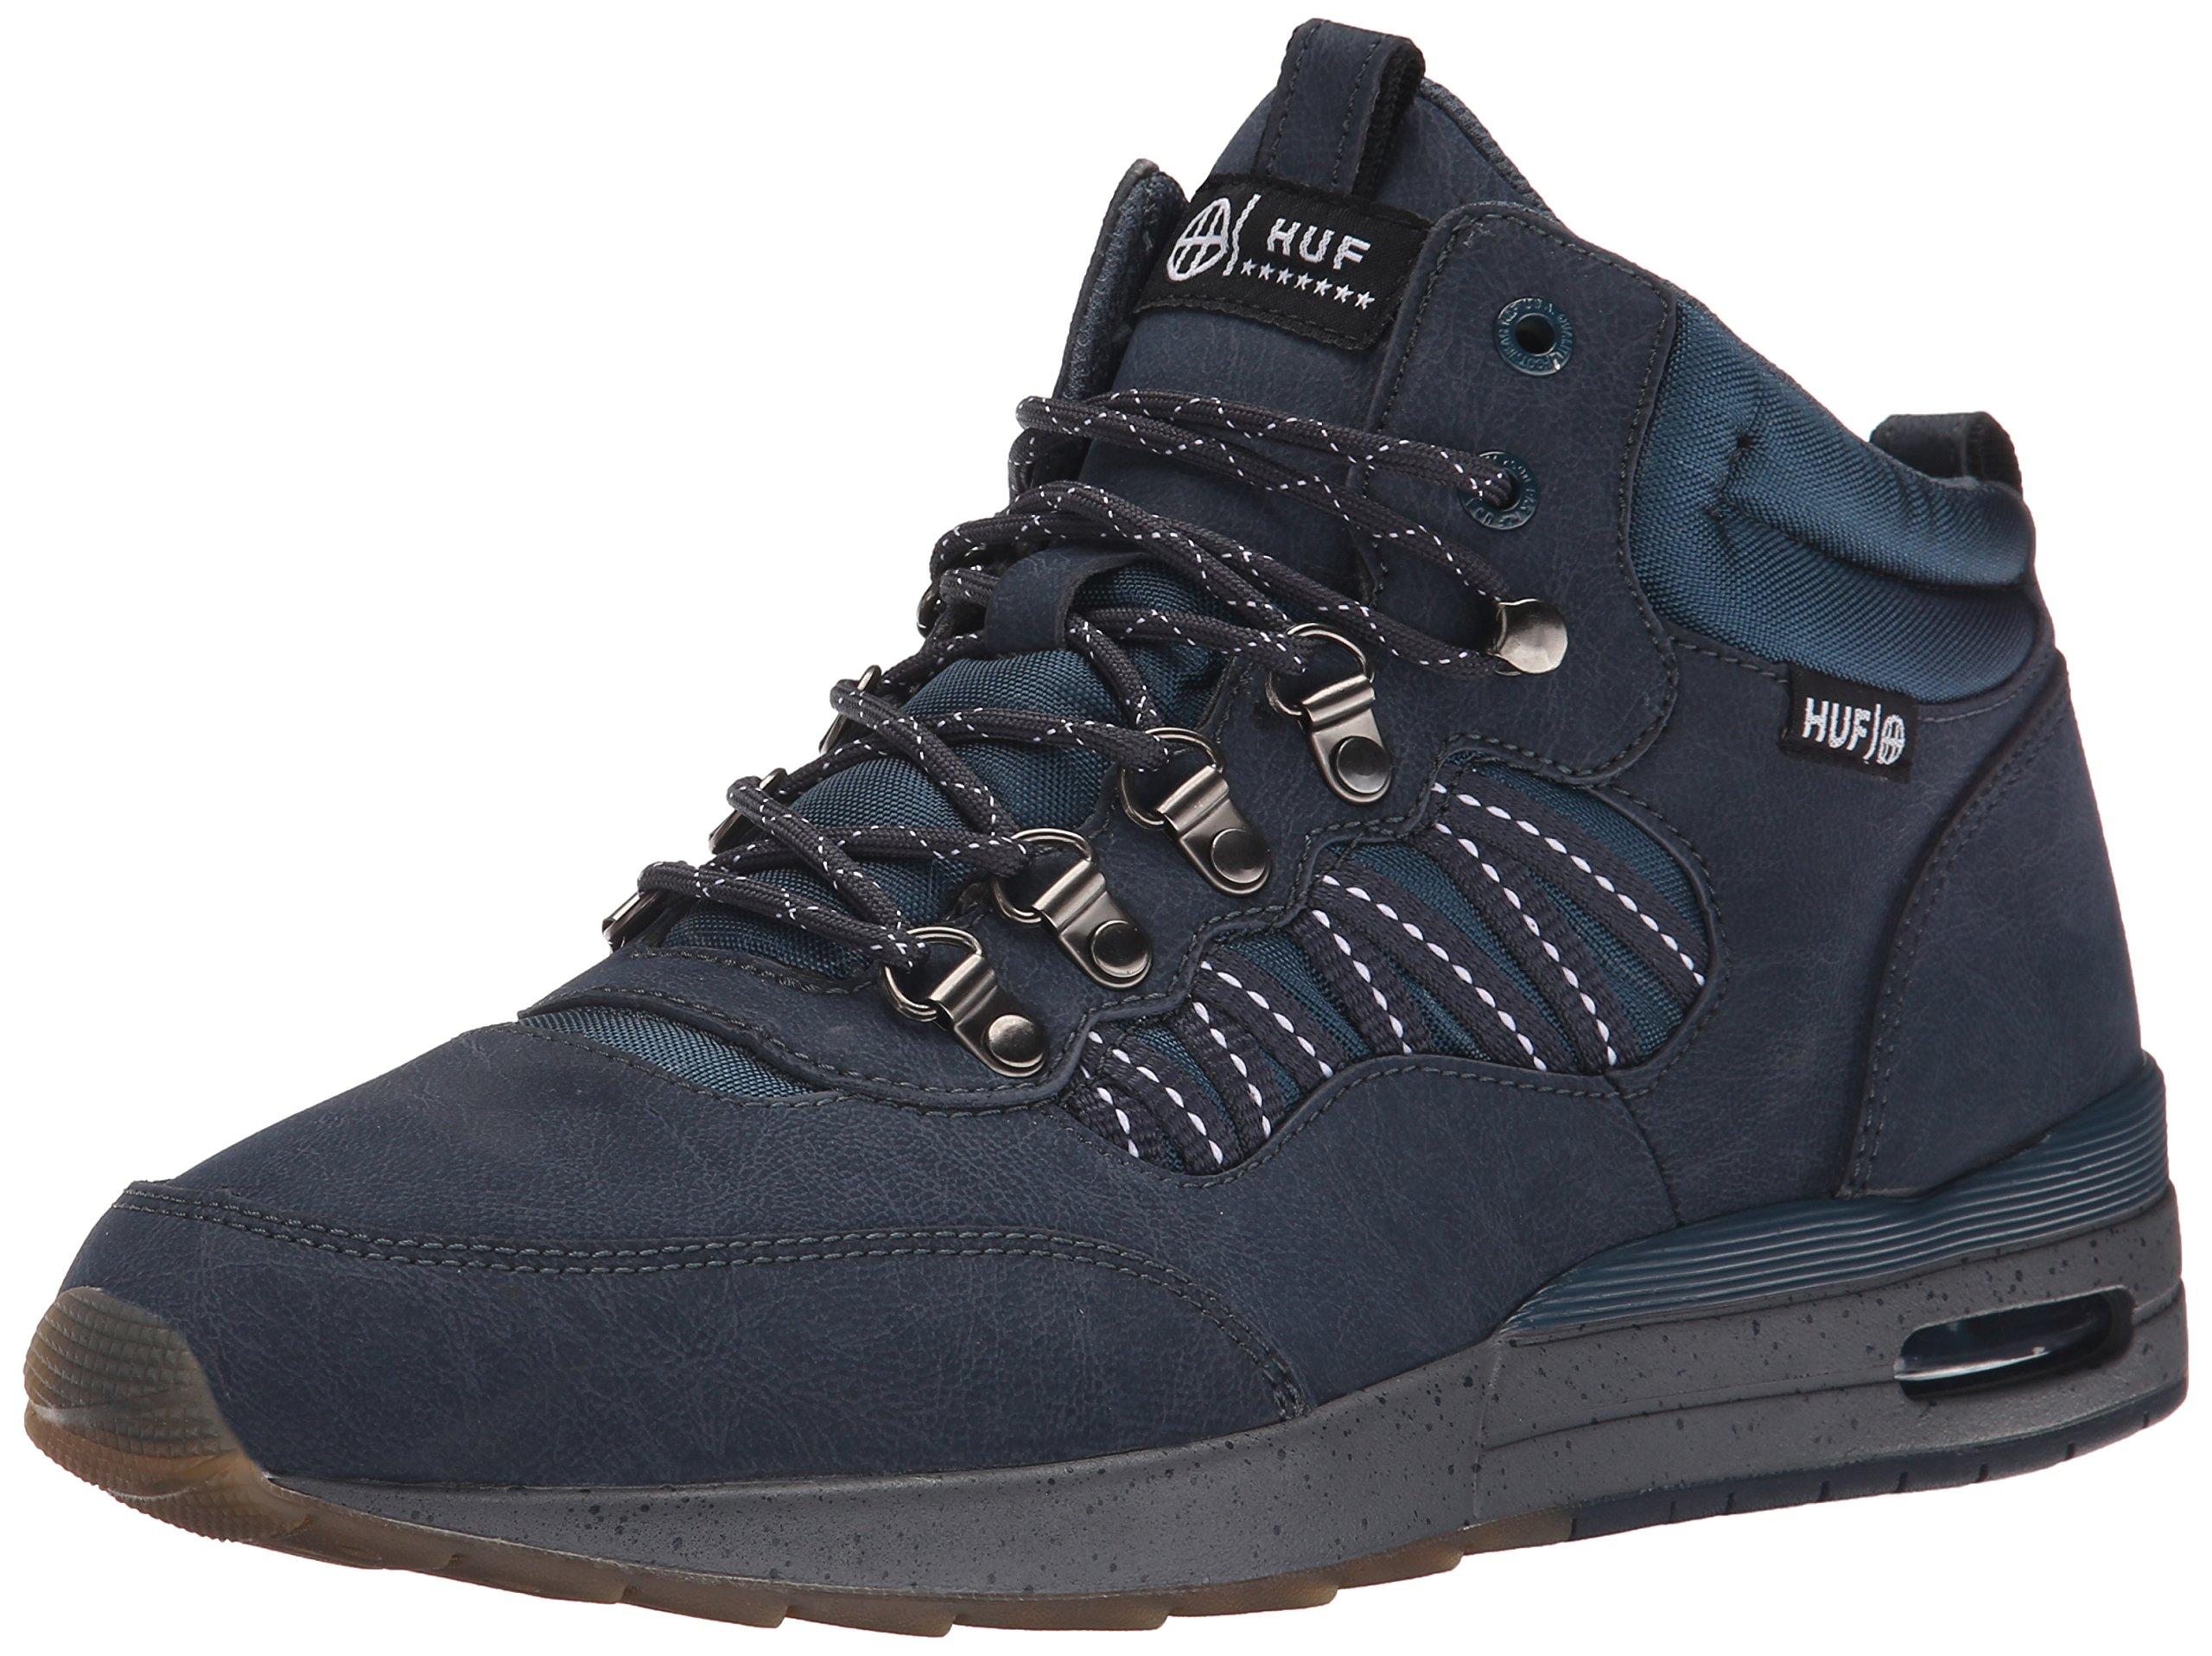 HUF Men's HR-1 Boot Inspired Runner, Dark Navy/Charcoal Grey, 11.5 M US